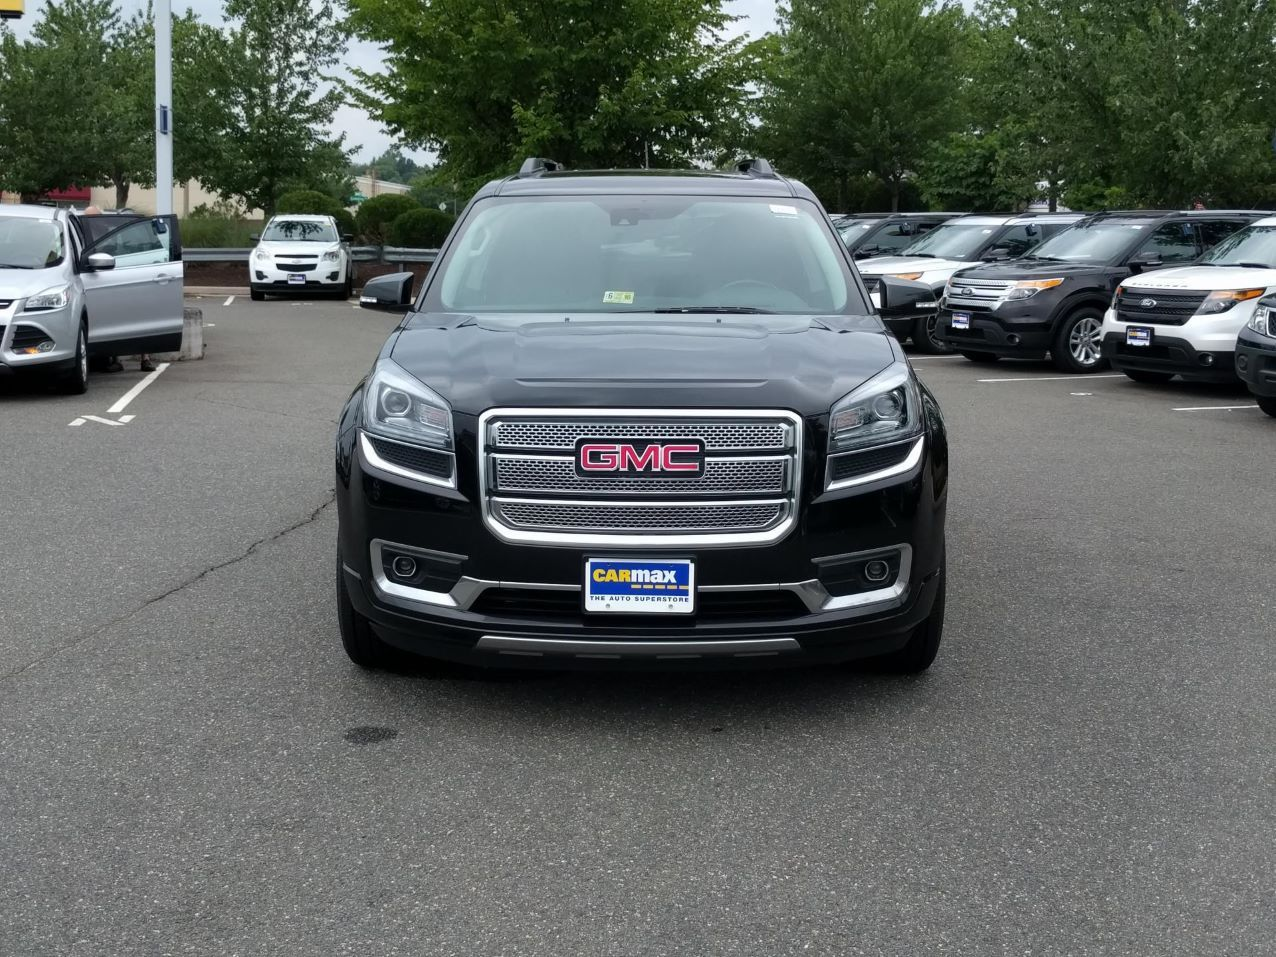 Used 2014 Gmc Acadia In Jackson Tennessee Carmax Jackson